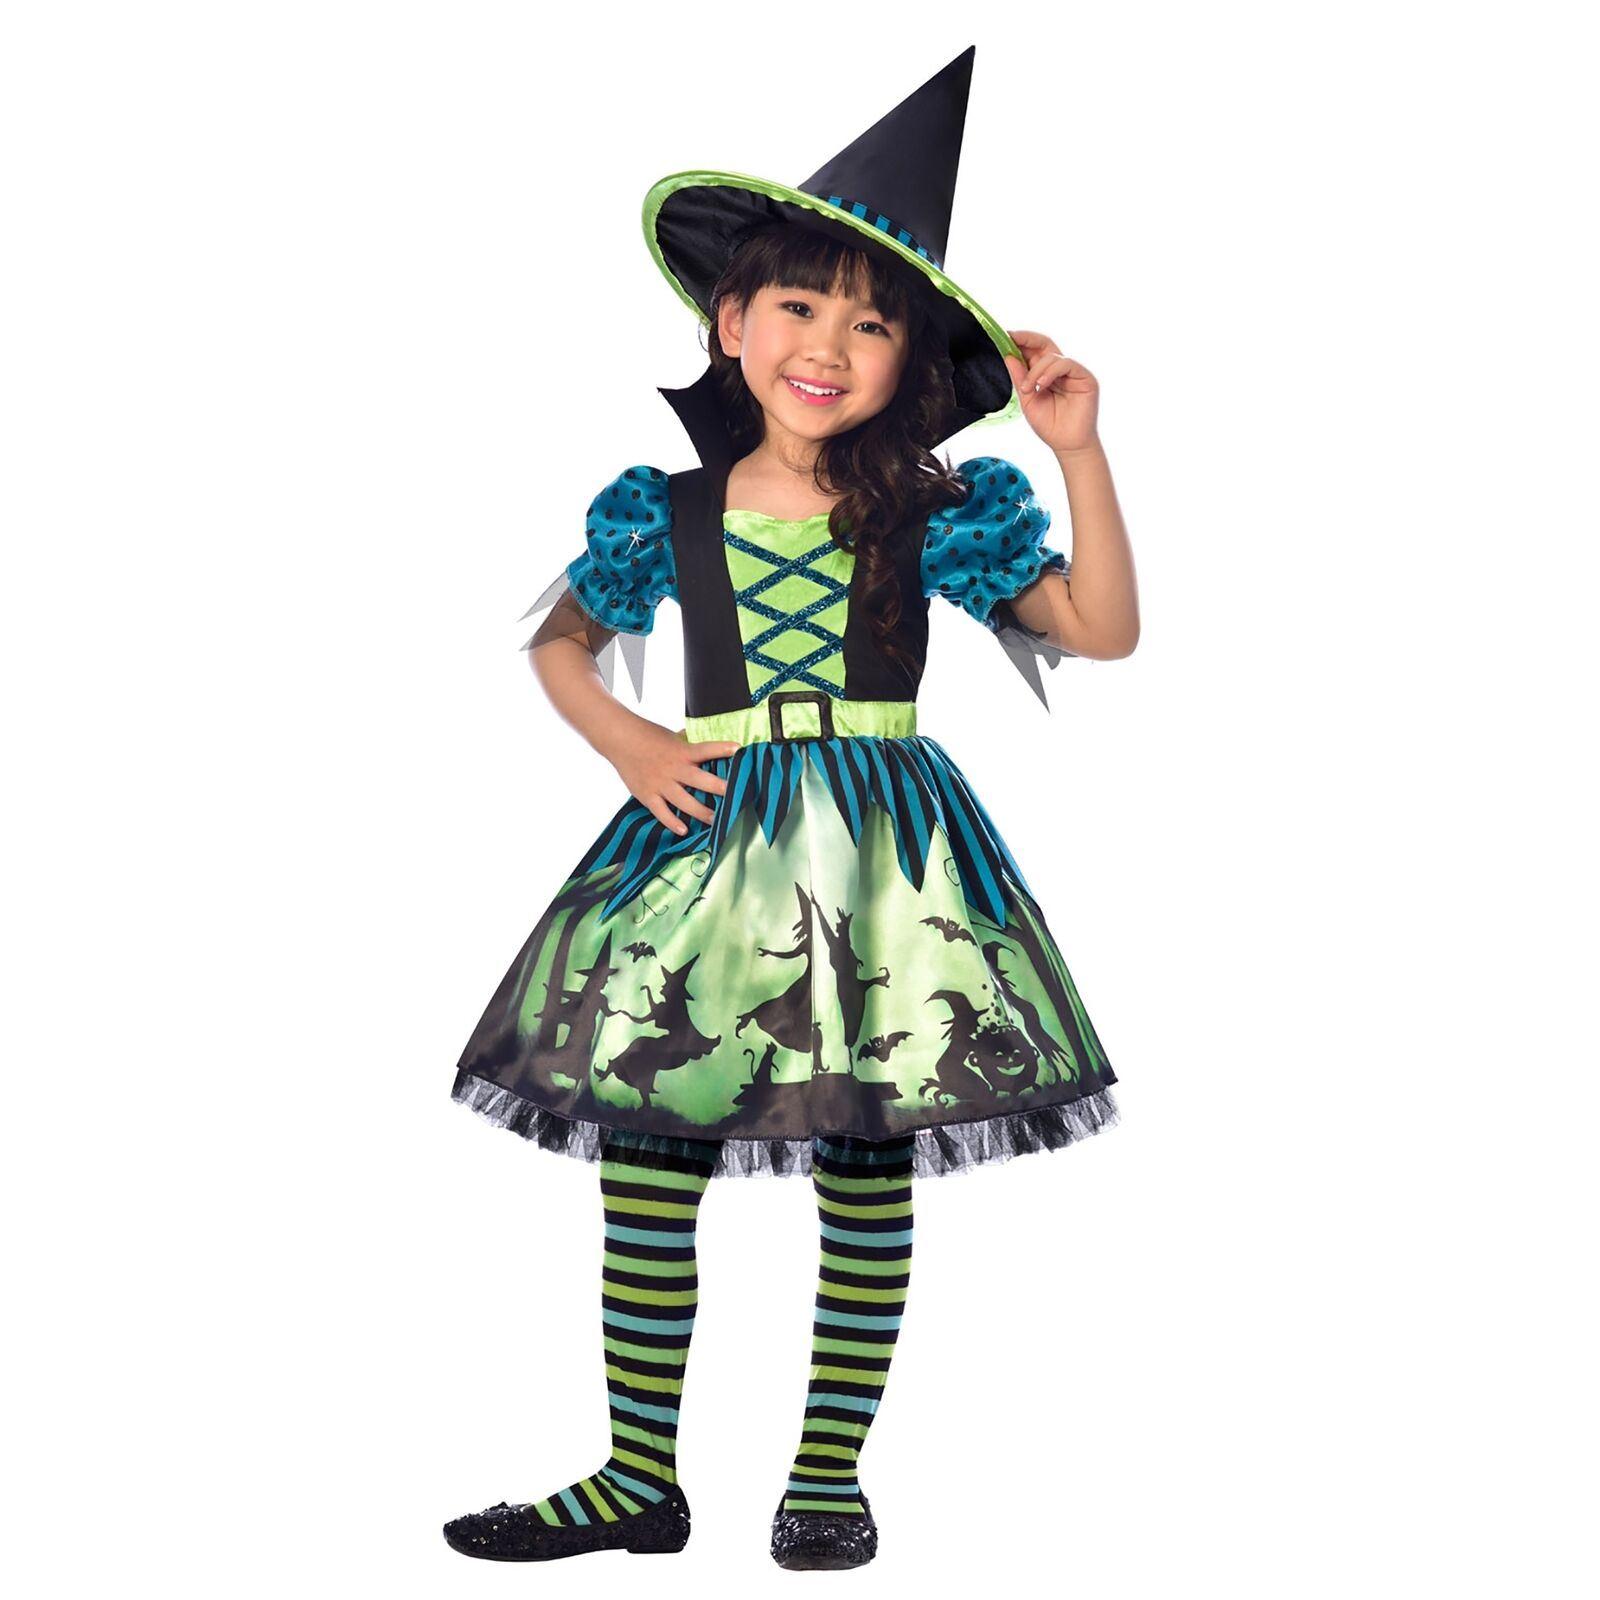 vari tipi di così economico quantità limitata Dettagli su Amscan Hocus Pocus Costume da Strega Bambini Costume da  Halloween 3-6 Years